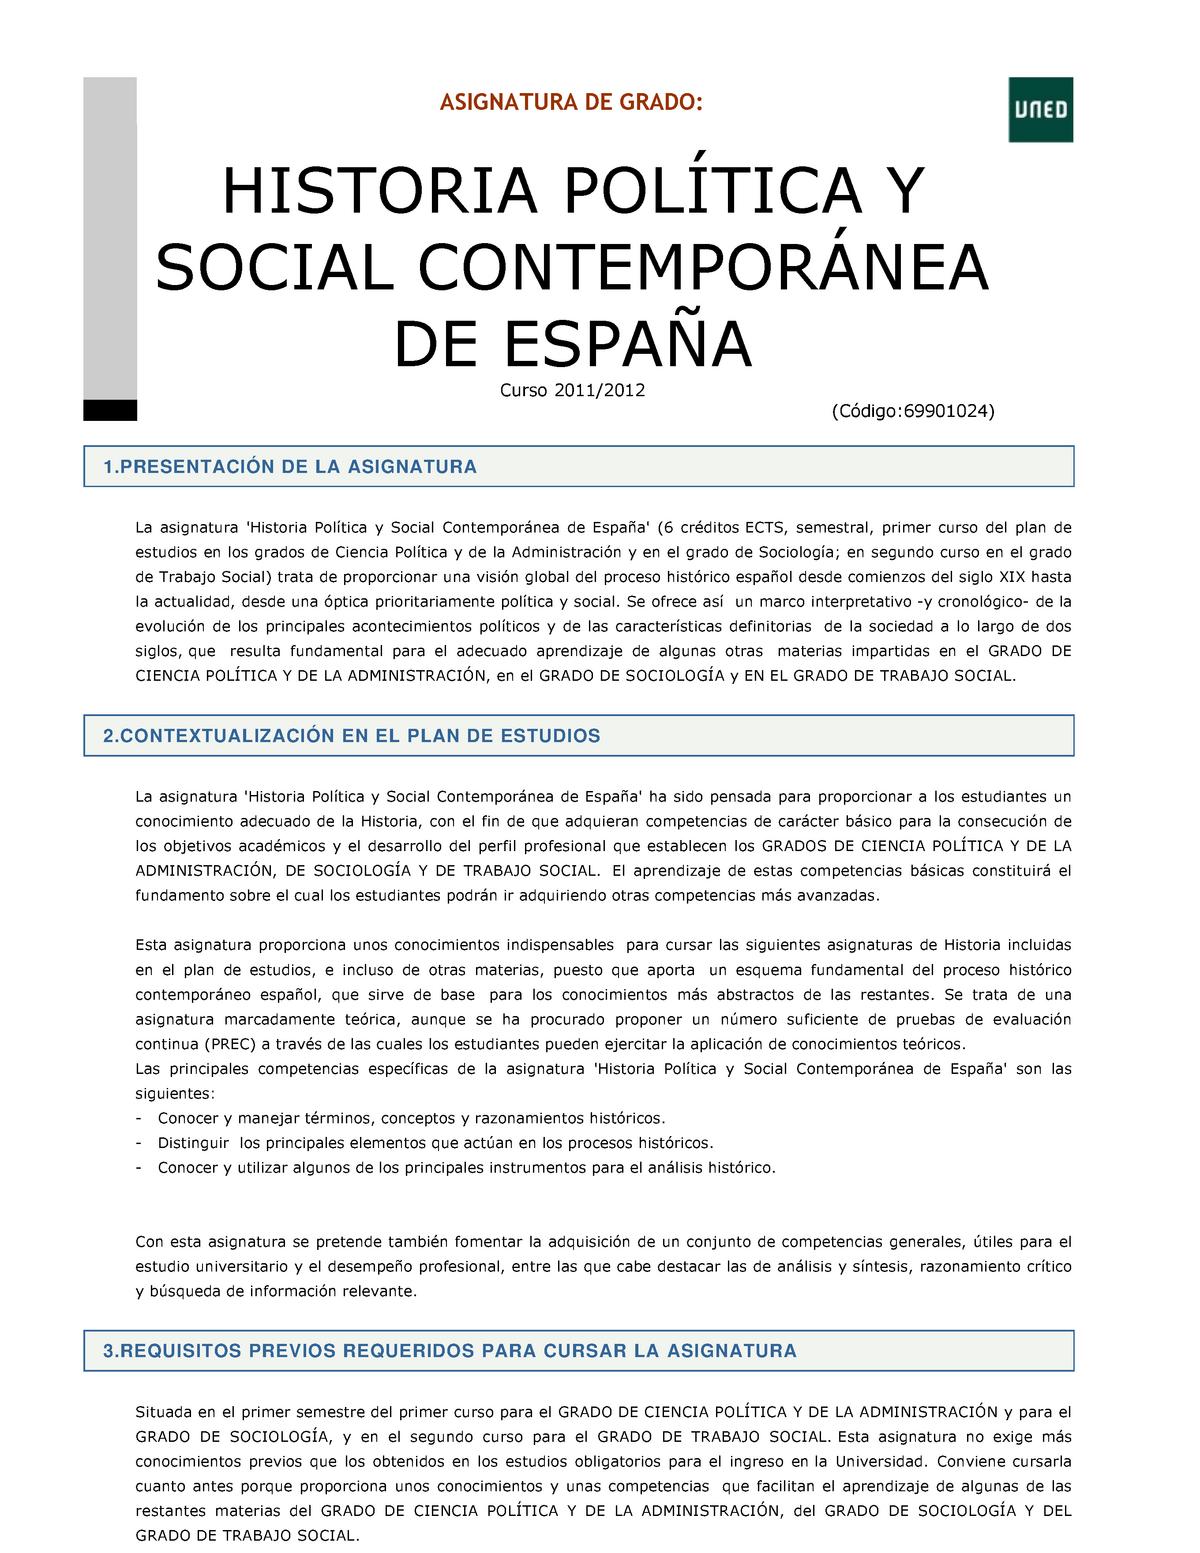 Calendario Examenes Derecho Us.Apuntes Y Preguntas De Examenes Atrasados 69901024 Historia